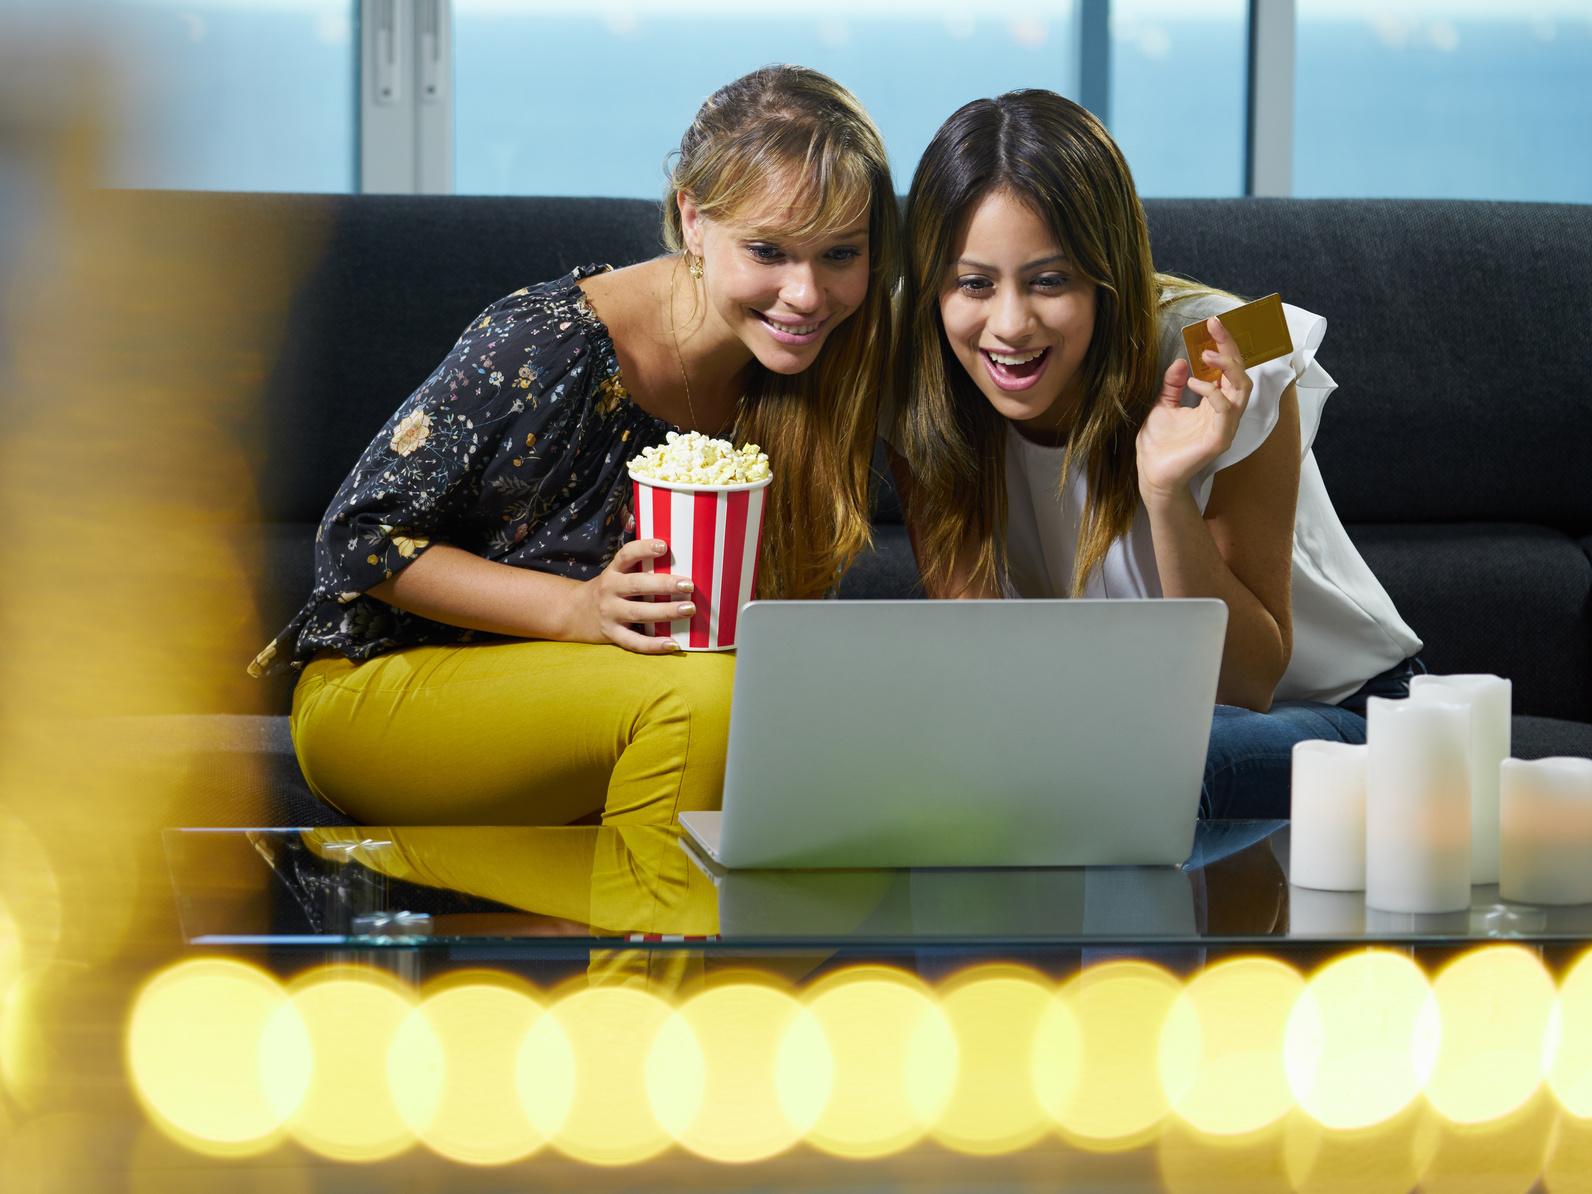 ECOMMERCE| Los españoles obtienen una media de 124 €  a través de la venta online